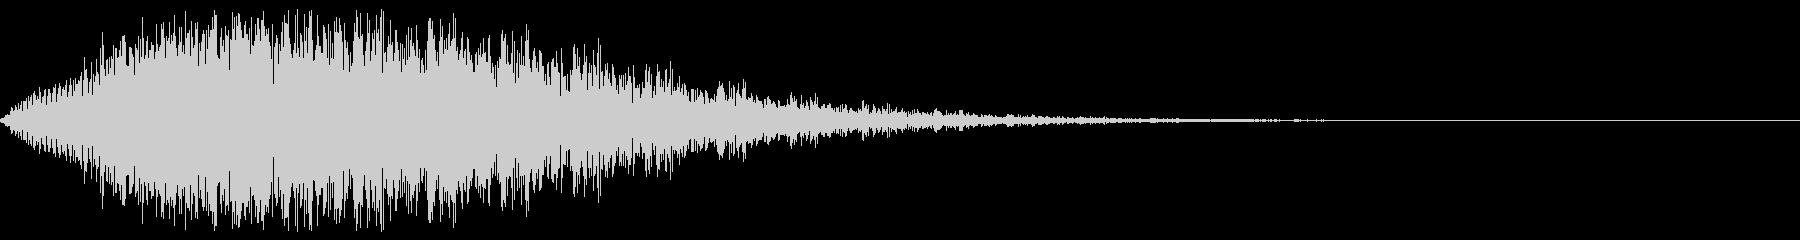 奇妙なピアノの低音の未再生の波形